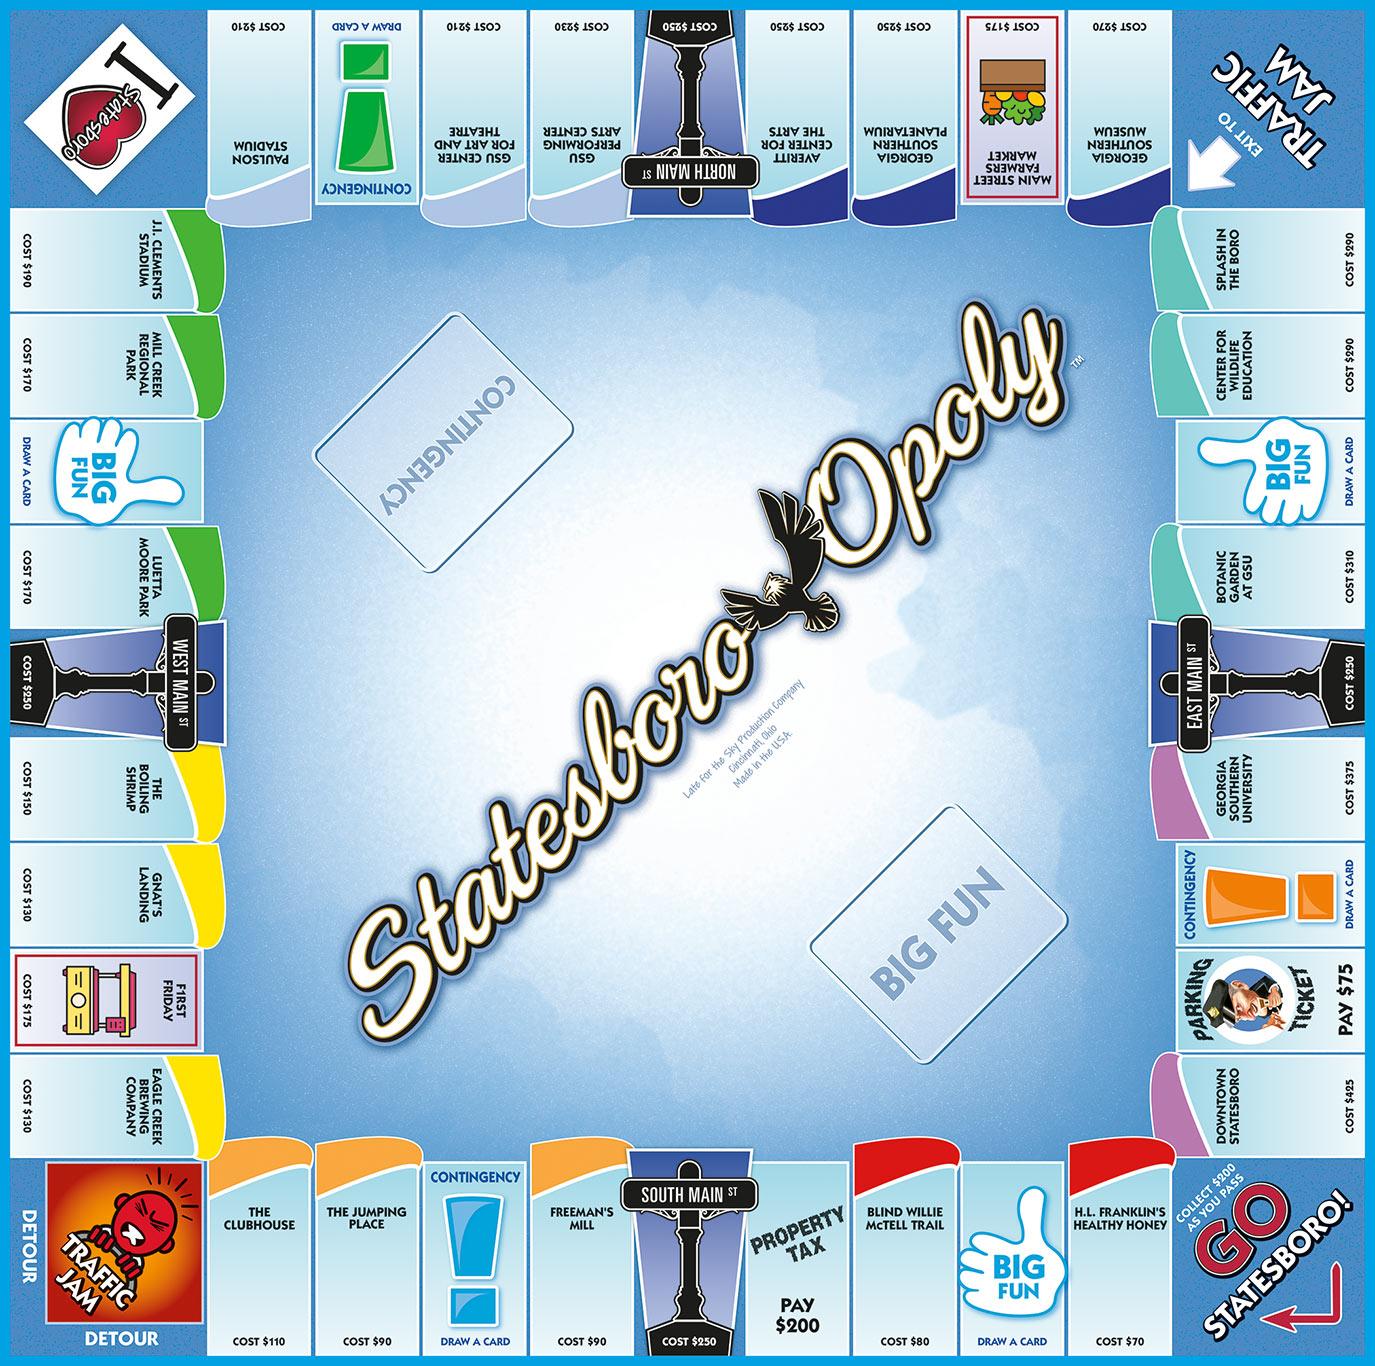 STATESBORO-OPOLY Board Game